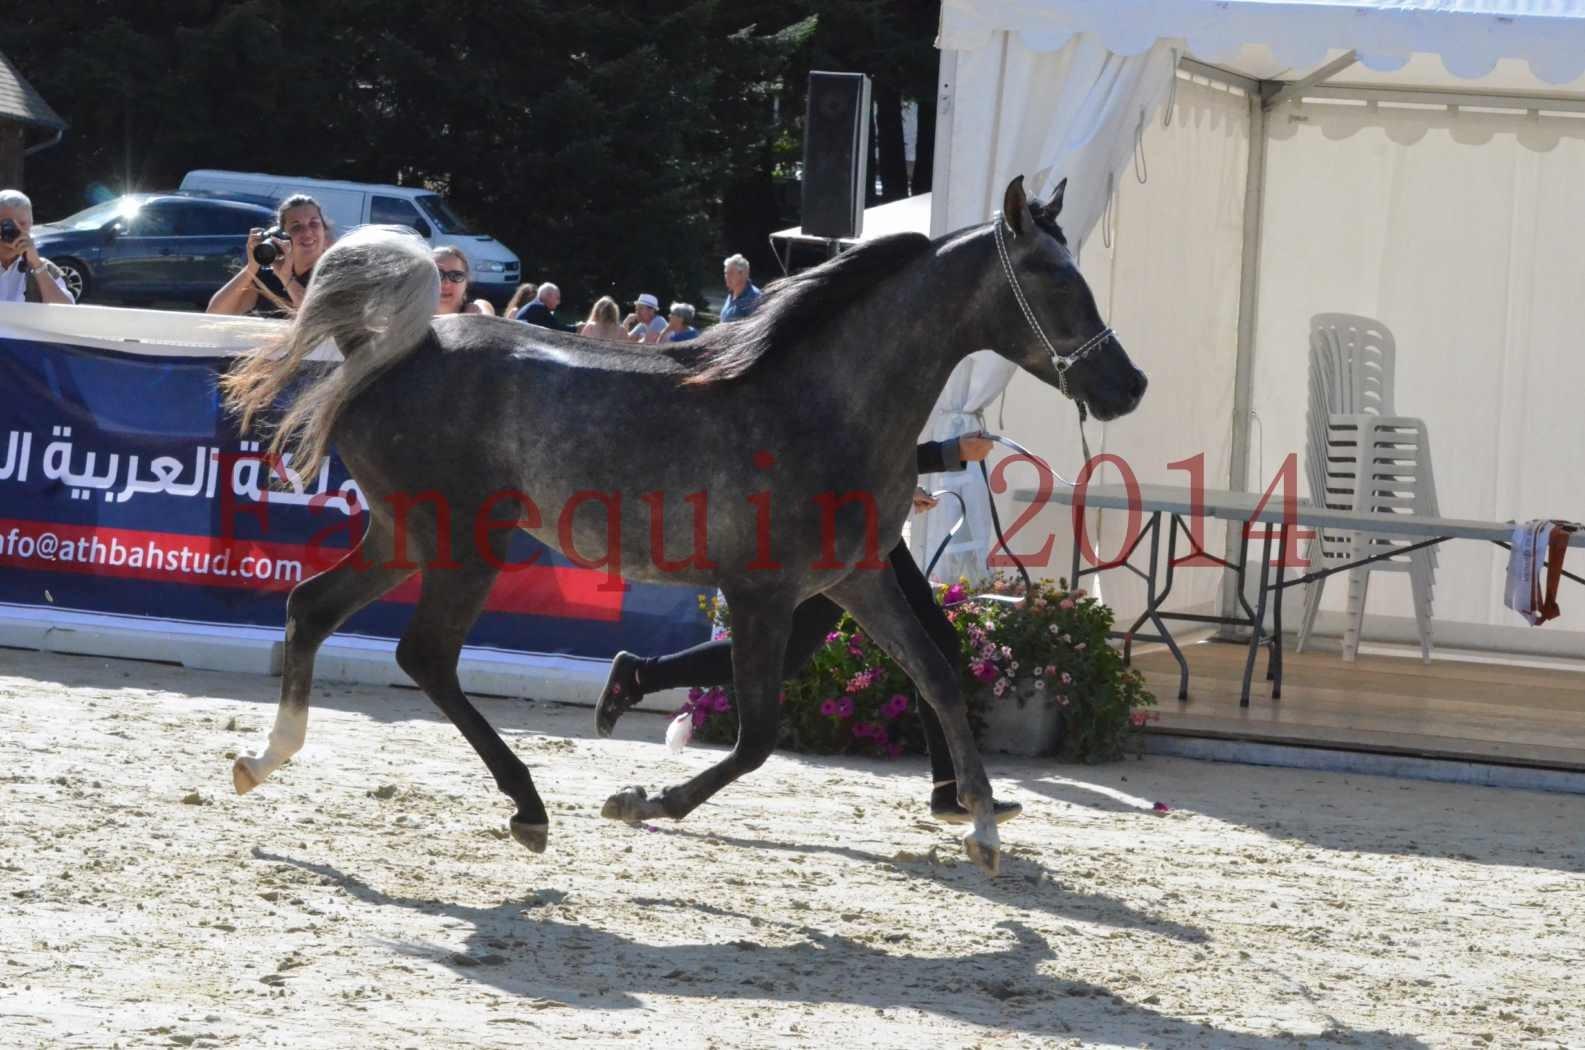 Championnat de FRANCE 2014 - Amateurs - CHTI KAID D'AUBIN - 33